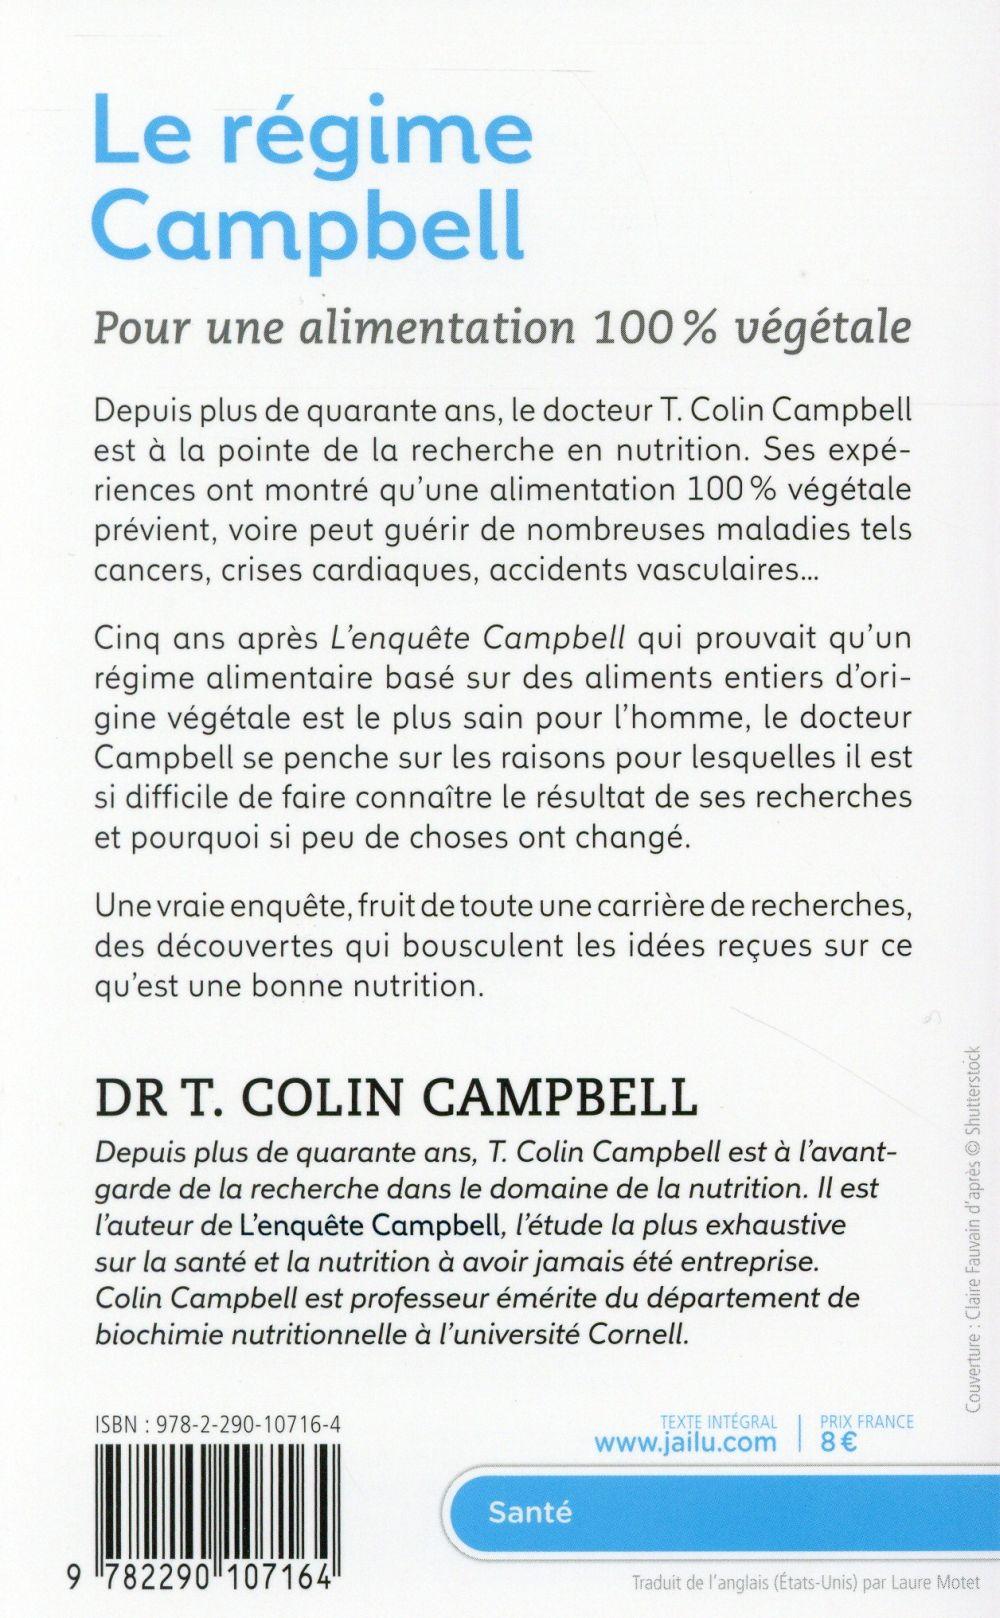 Le régime Campbell ; pour une alimentation 100% végétale